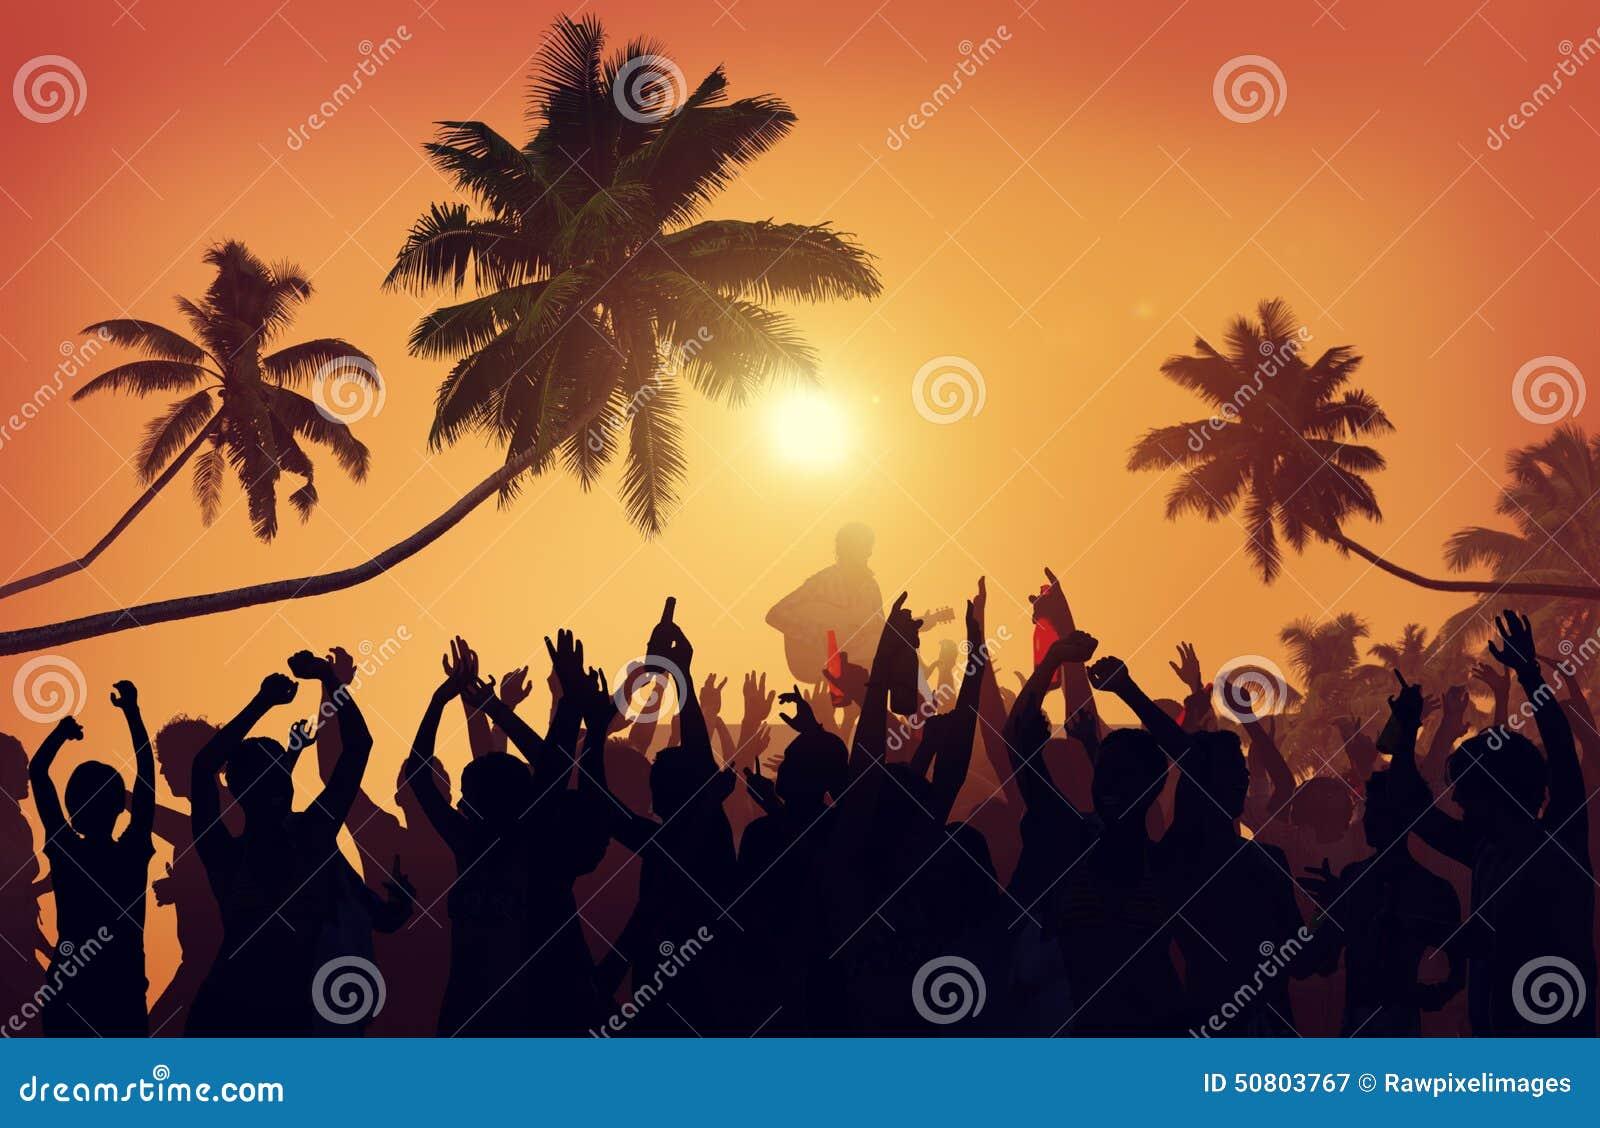 Έννοια ενθουσιασμού εκτελεστών κόμματος παραλιών φεστιβάλ θερινής μουσικής